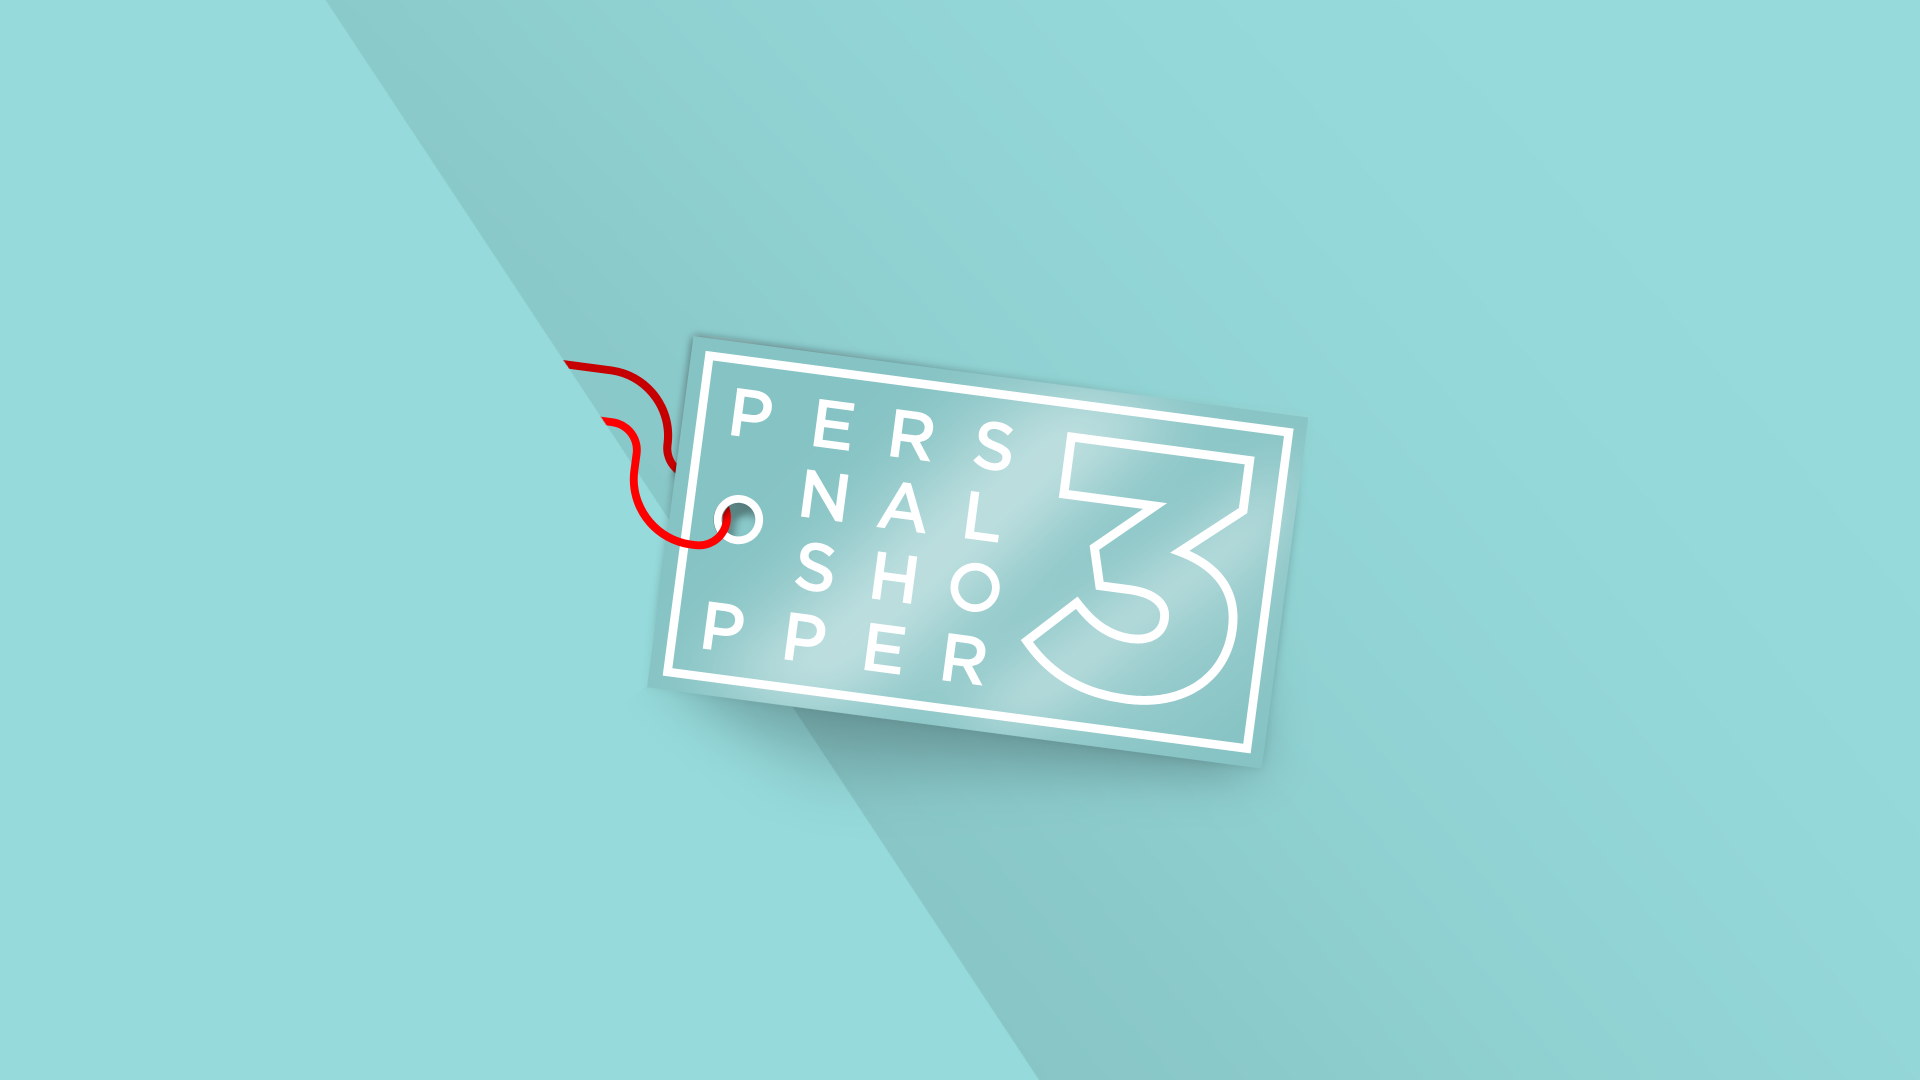 Concurso-Nacional-Personal-Shopper-3-Hotartworks-Hota-Abenza-miniatura4